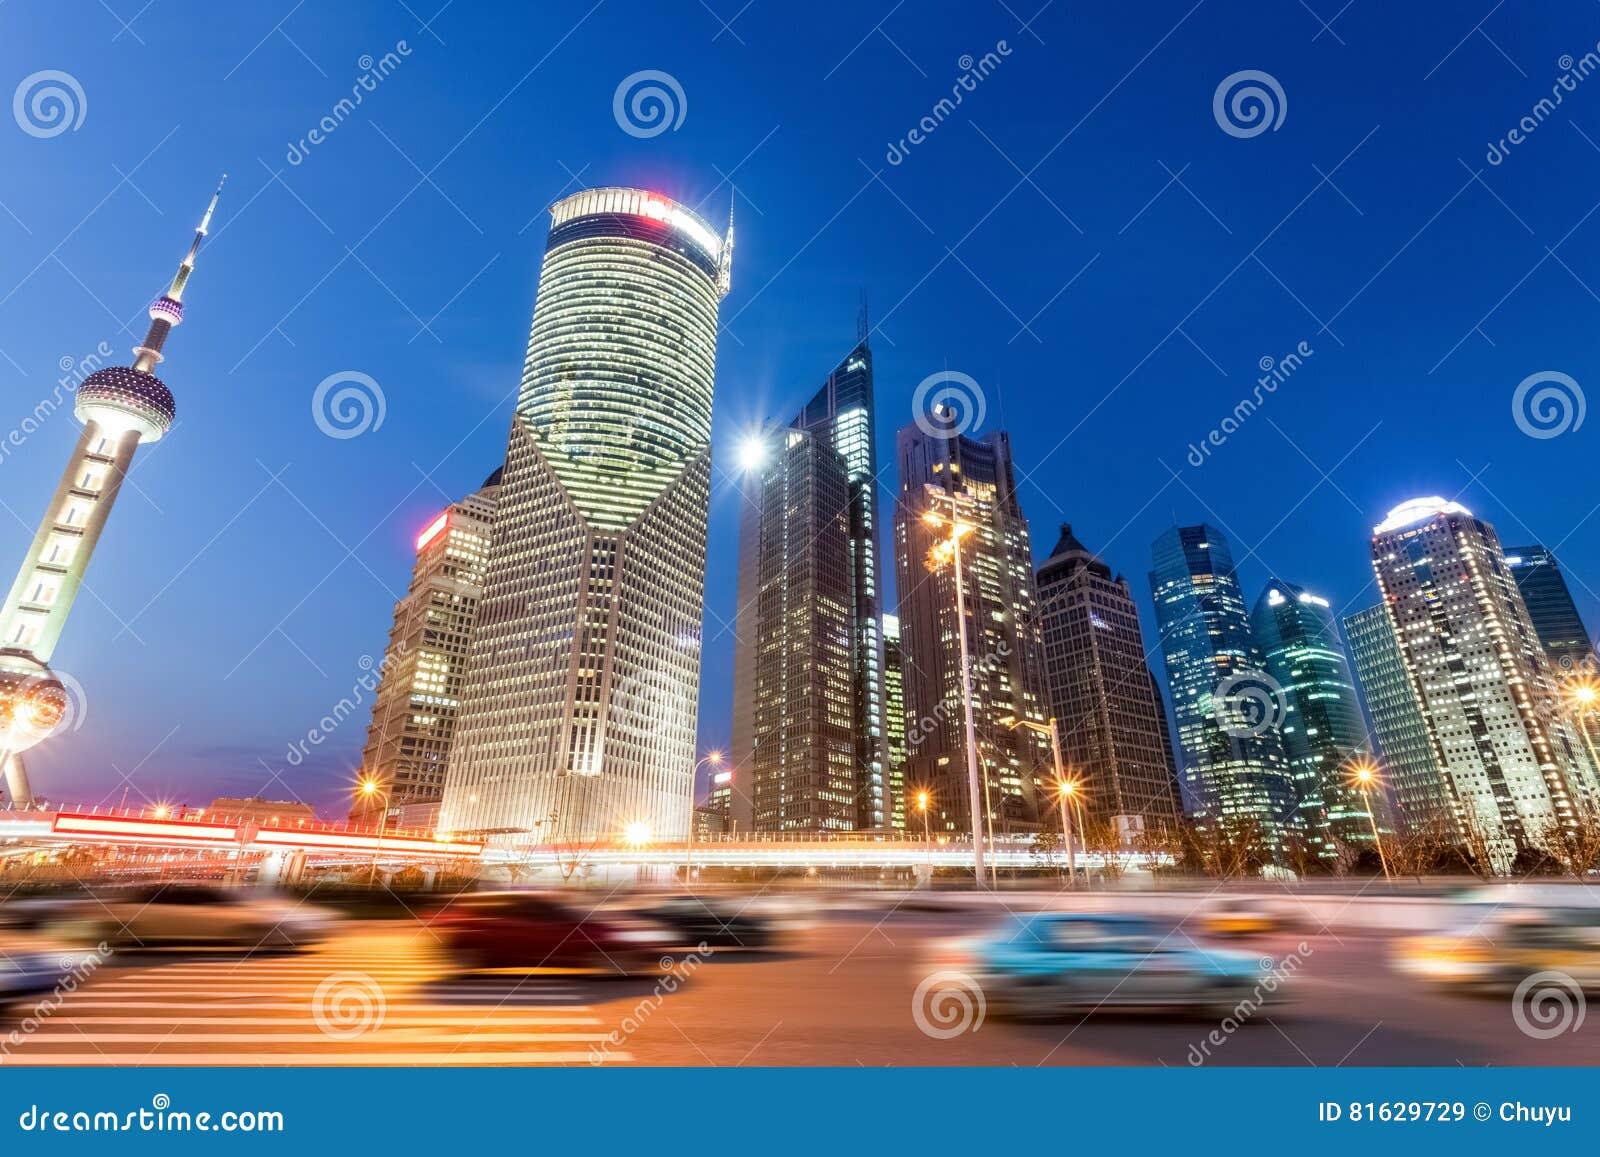 Vue de nuit des bâtiments et de la route urbaine modernes à Changhaï